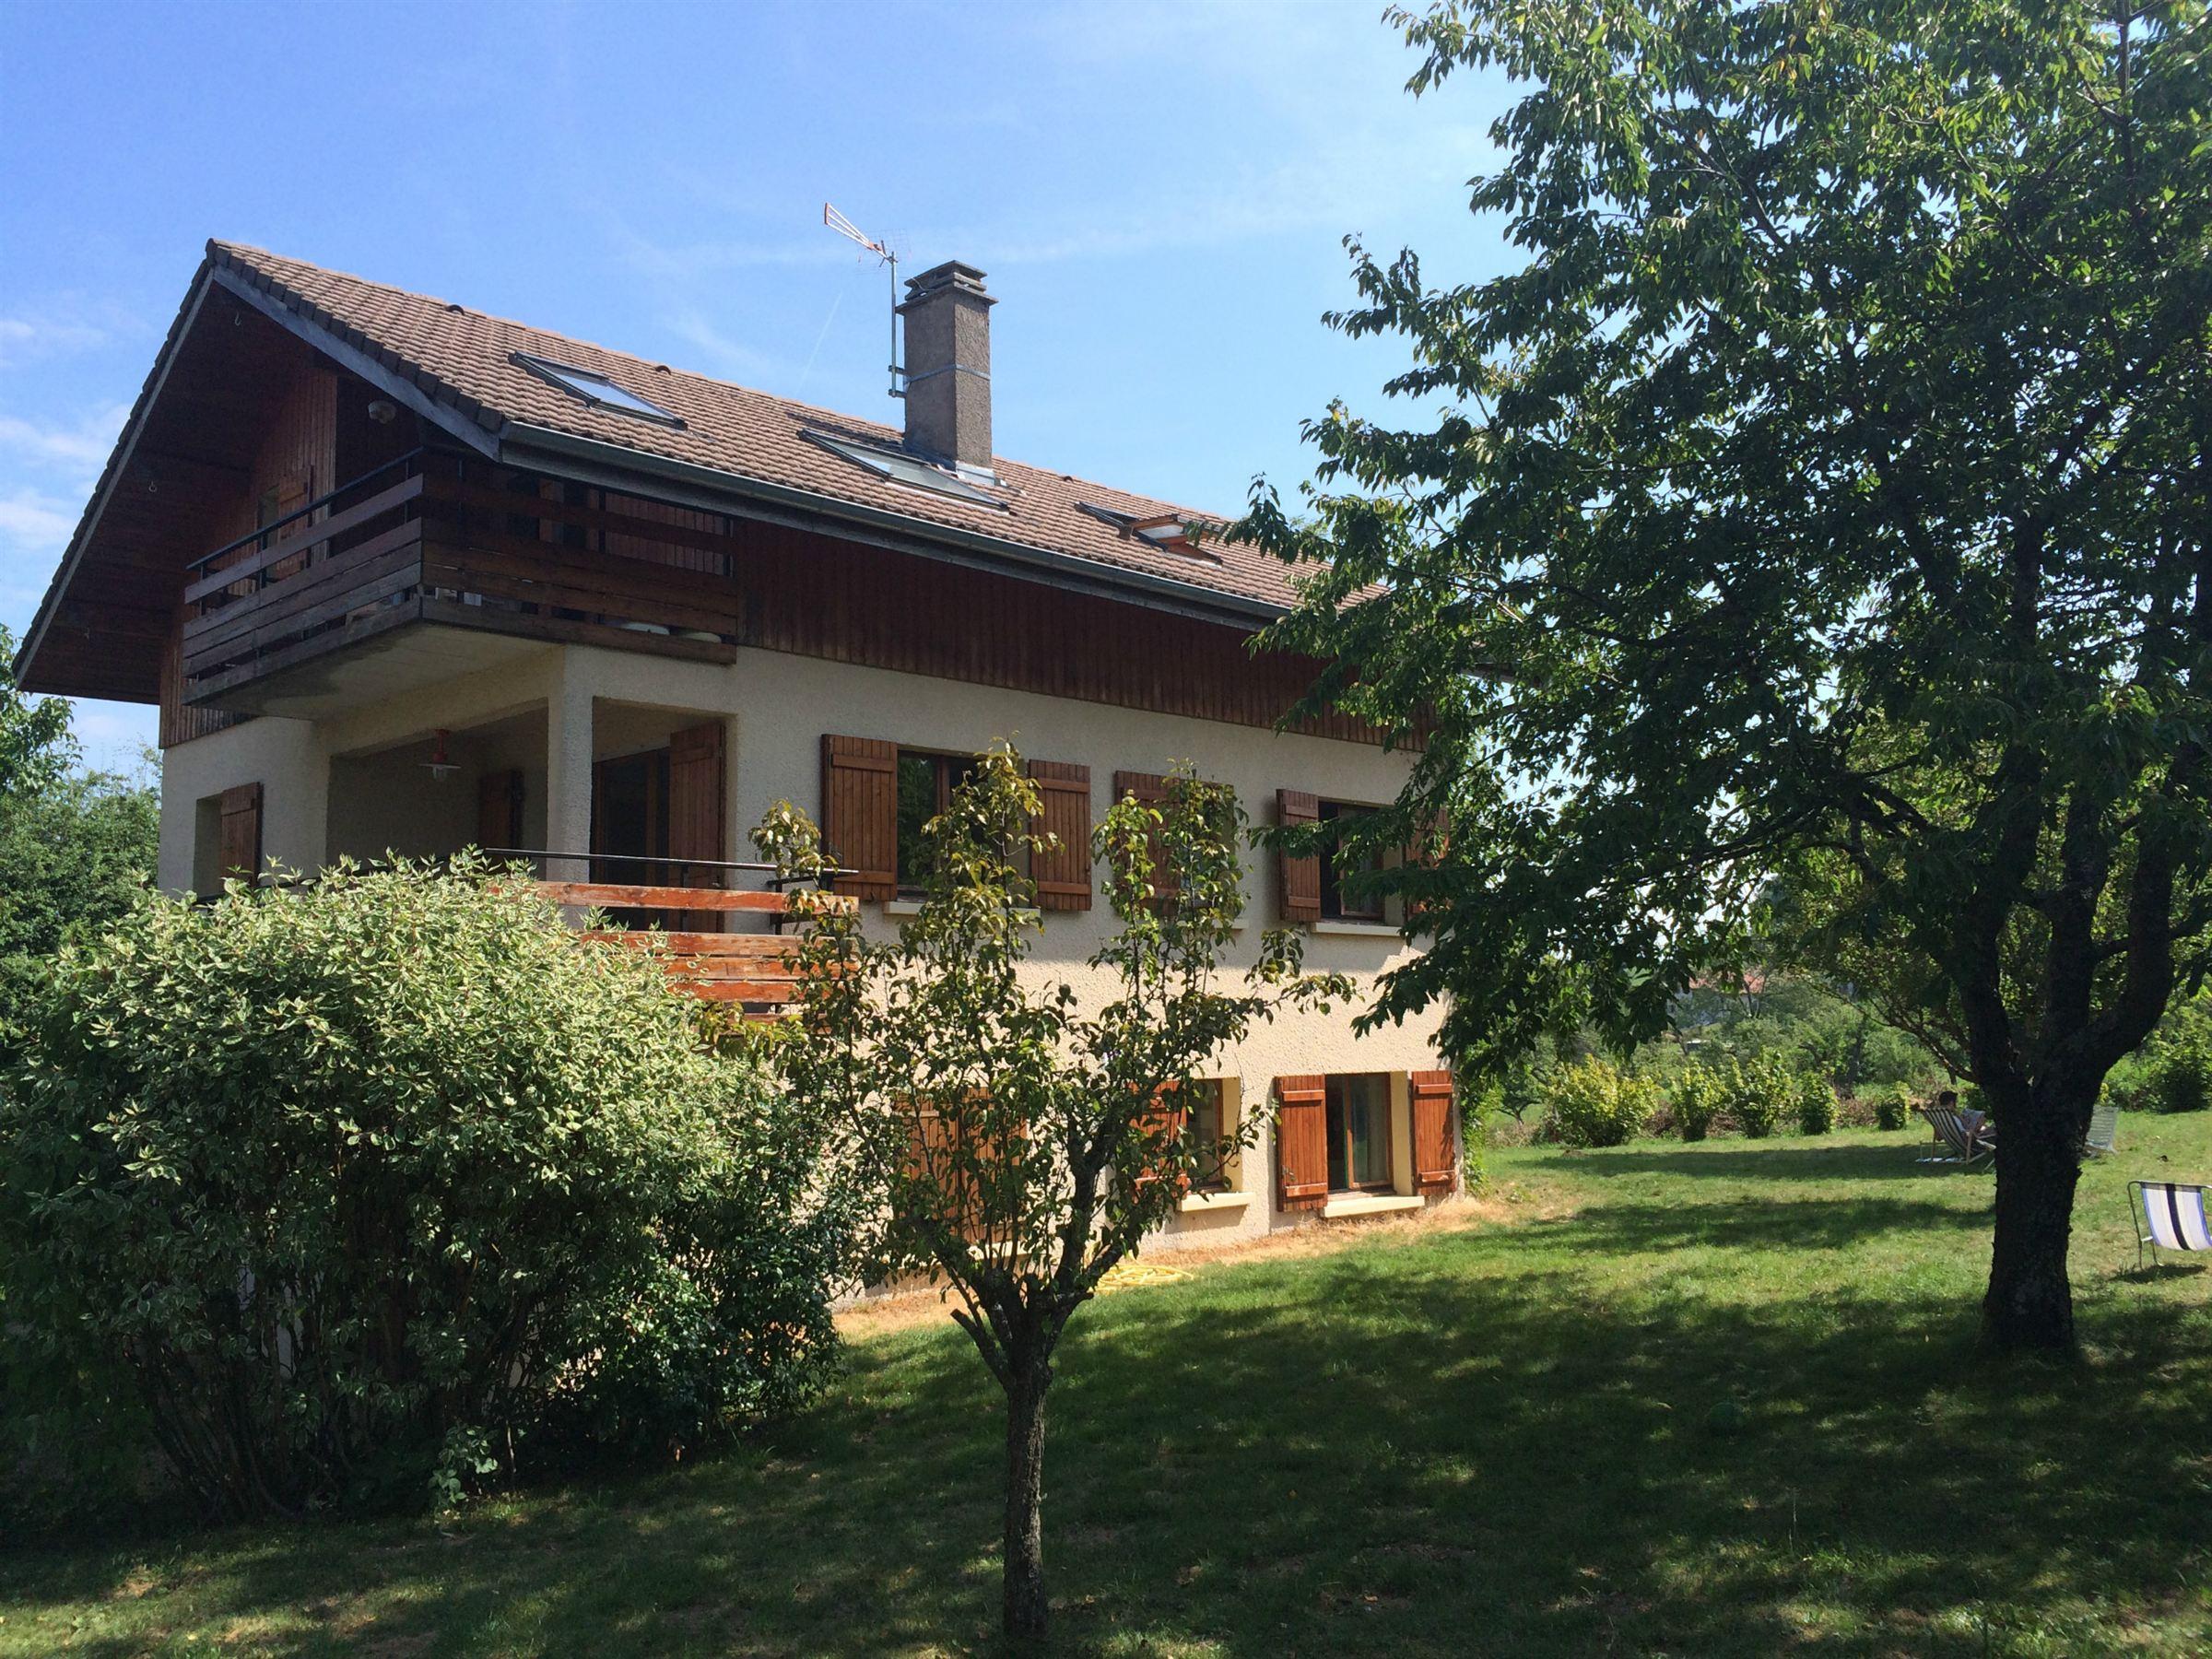 一戸建て のために 売買 アット house saint paul en chablais Other Rhone-Alpes, ローヌ・アルプ, 74500 フランス